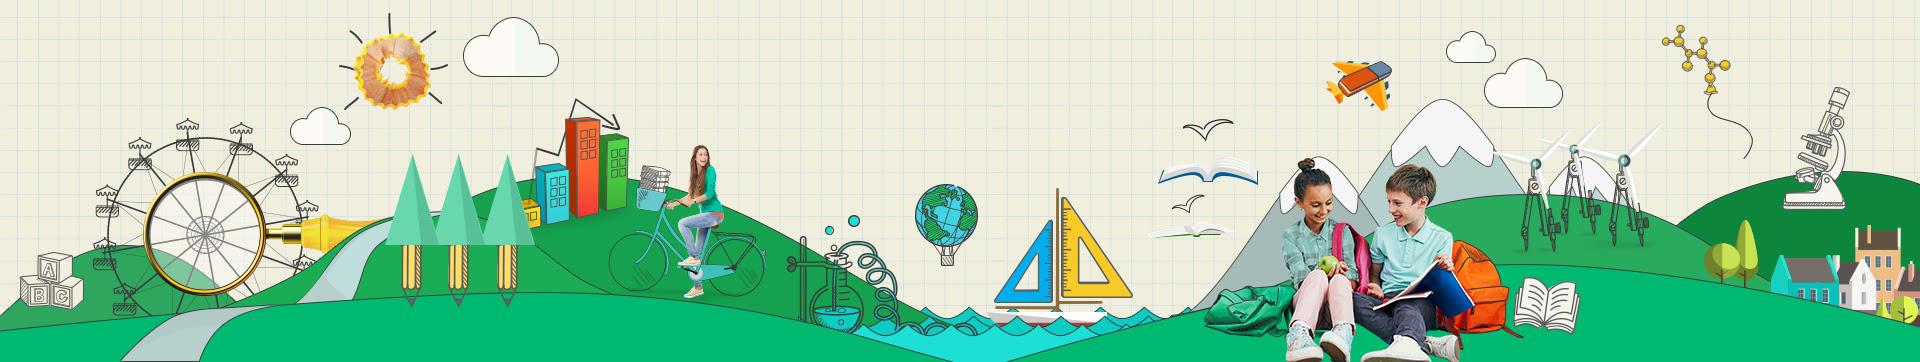 IXL – Ixl Maths Worksheets